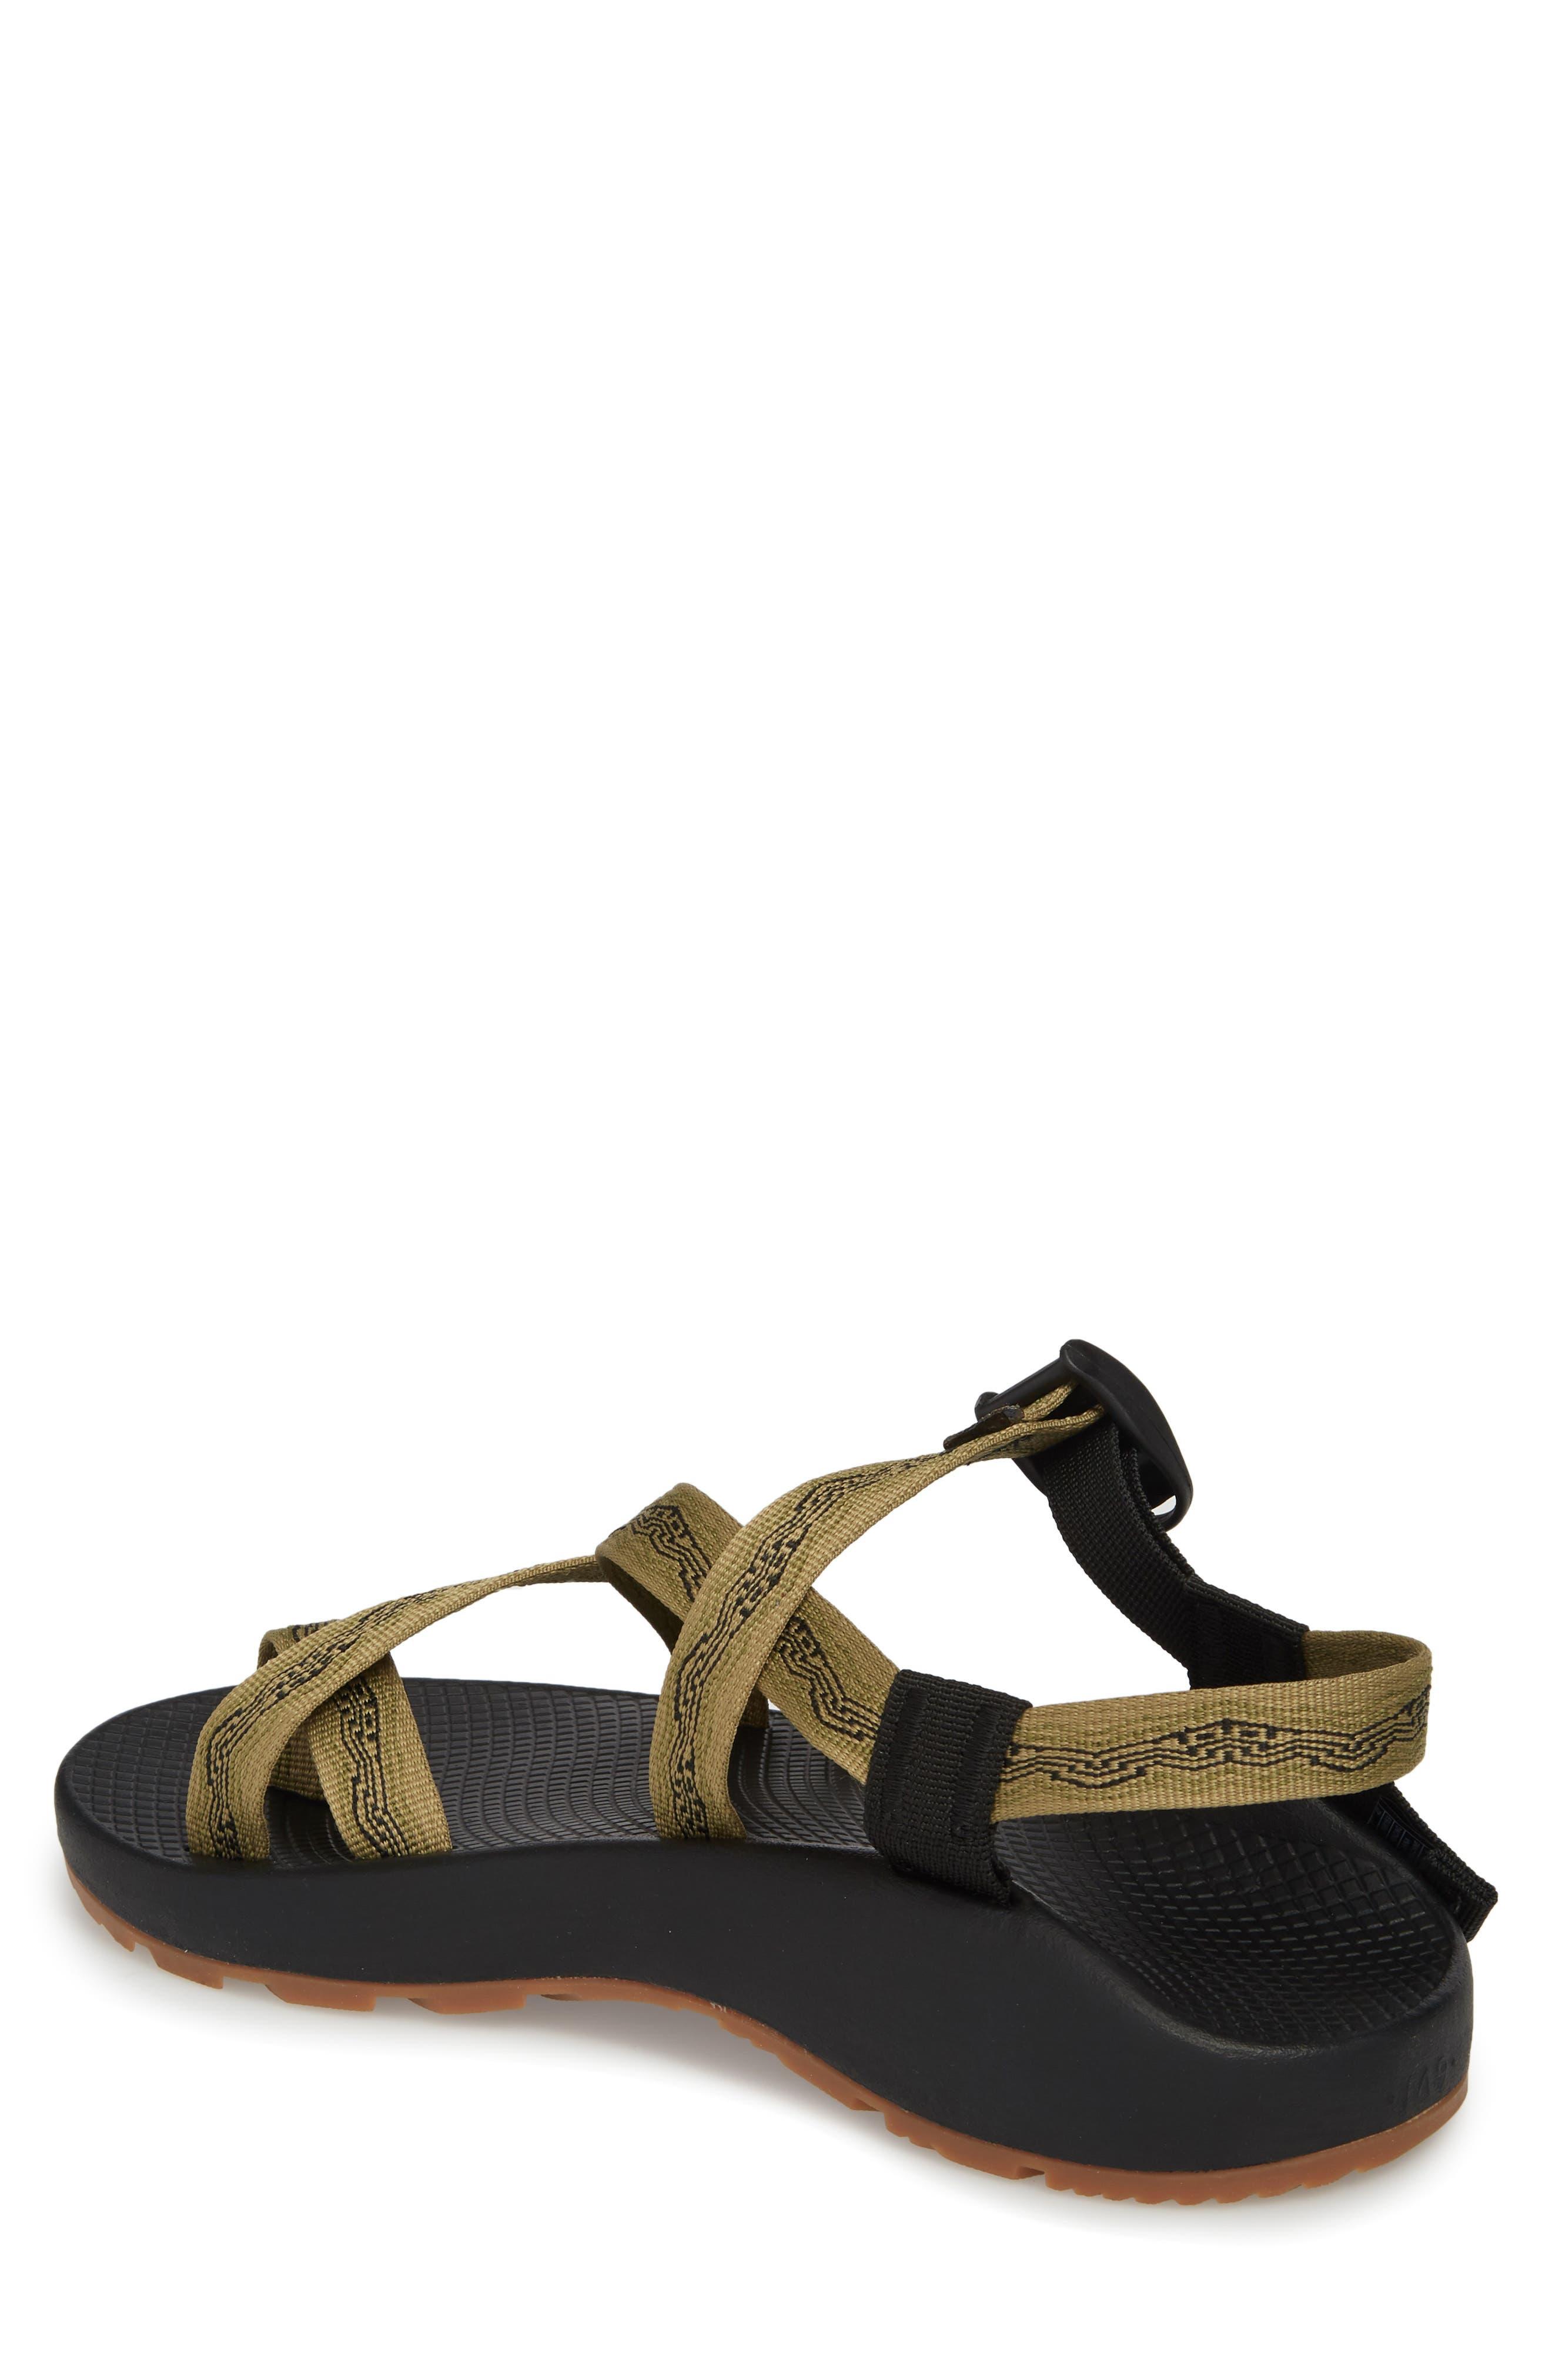 Z/2 Classic Sport Sandal,                             Alternate thumbnail 2, color,                             Tri Boa